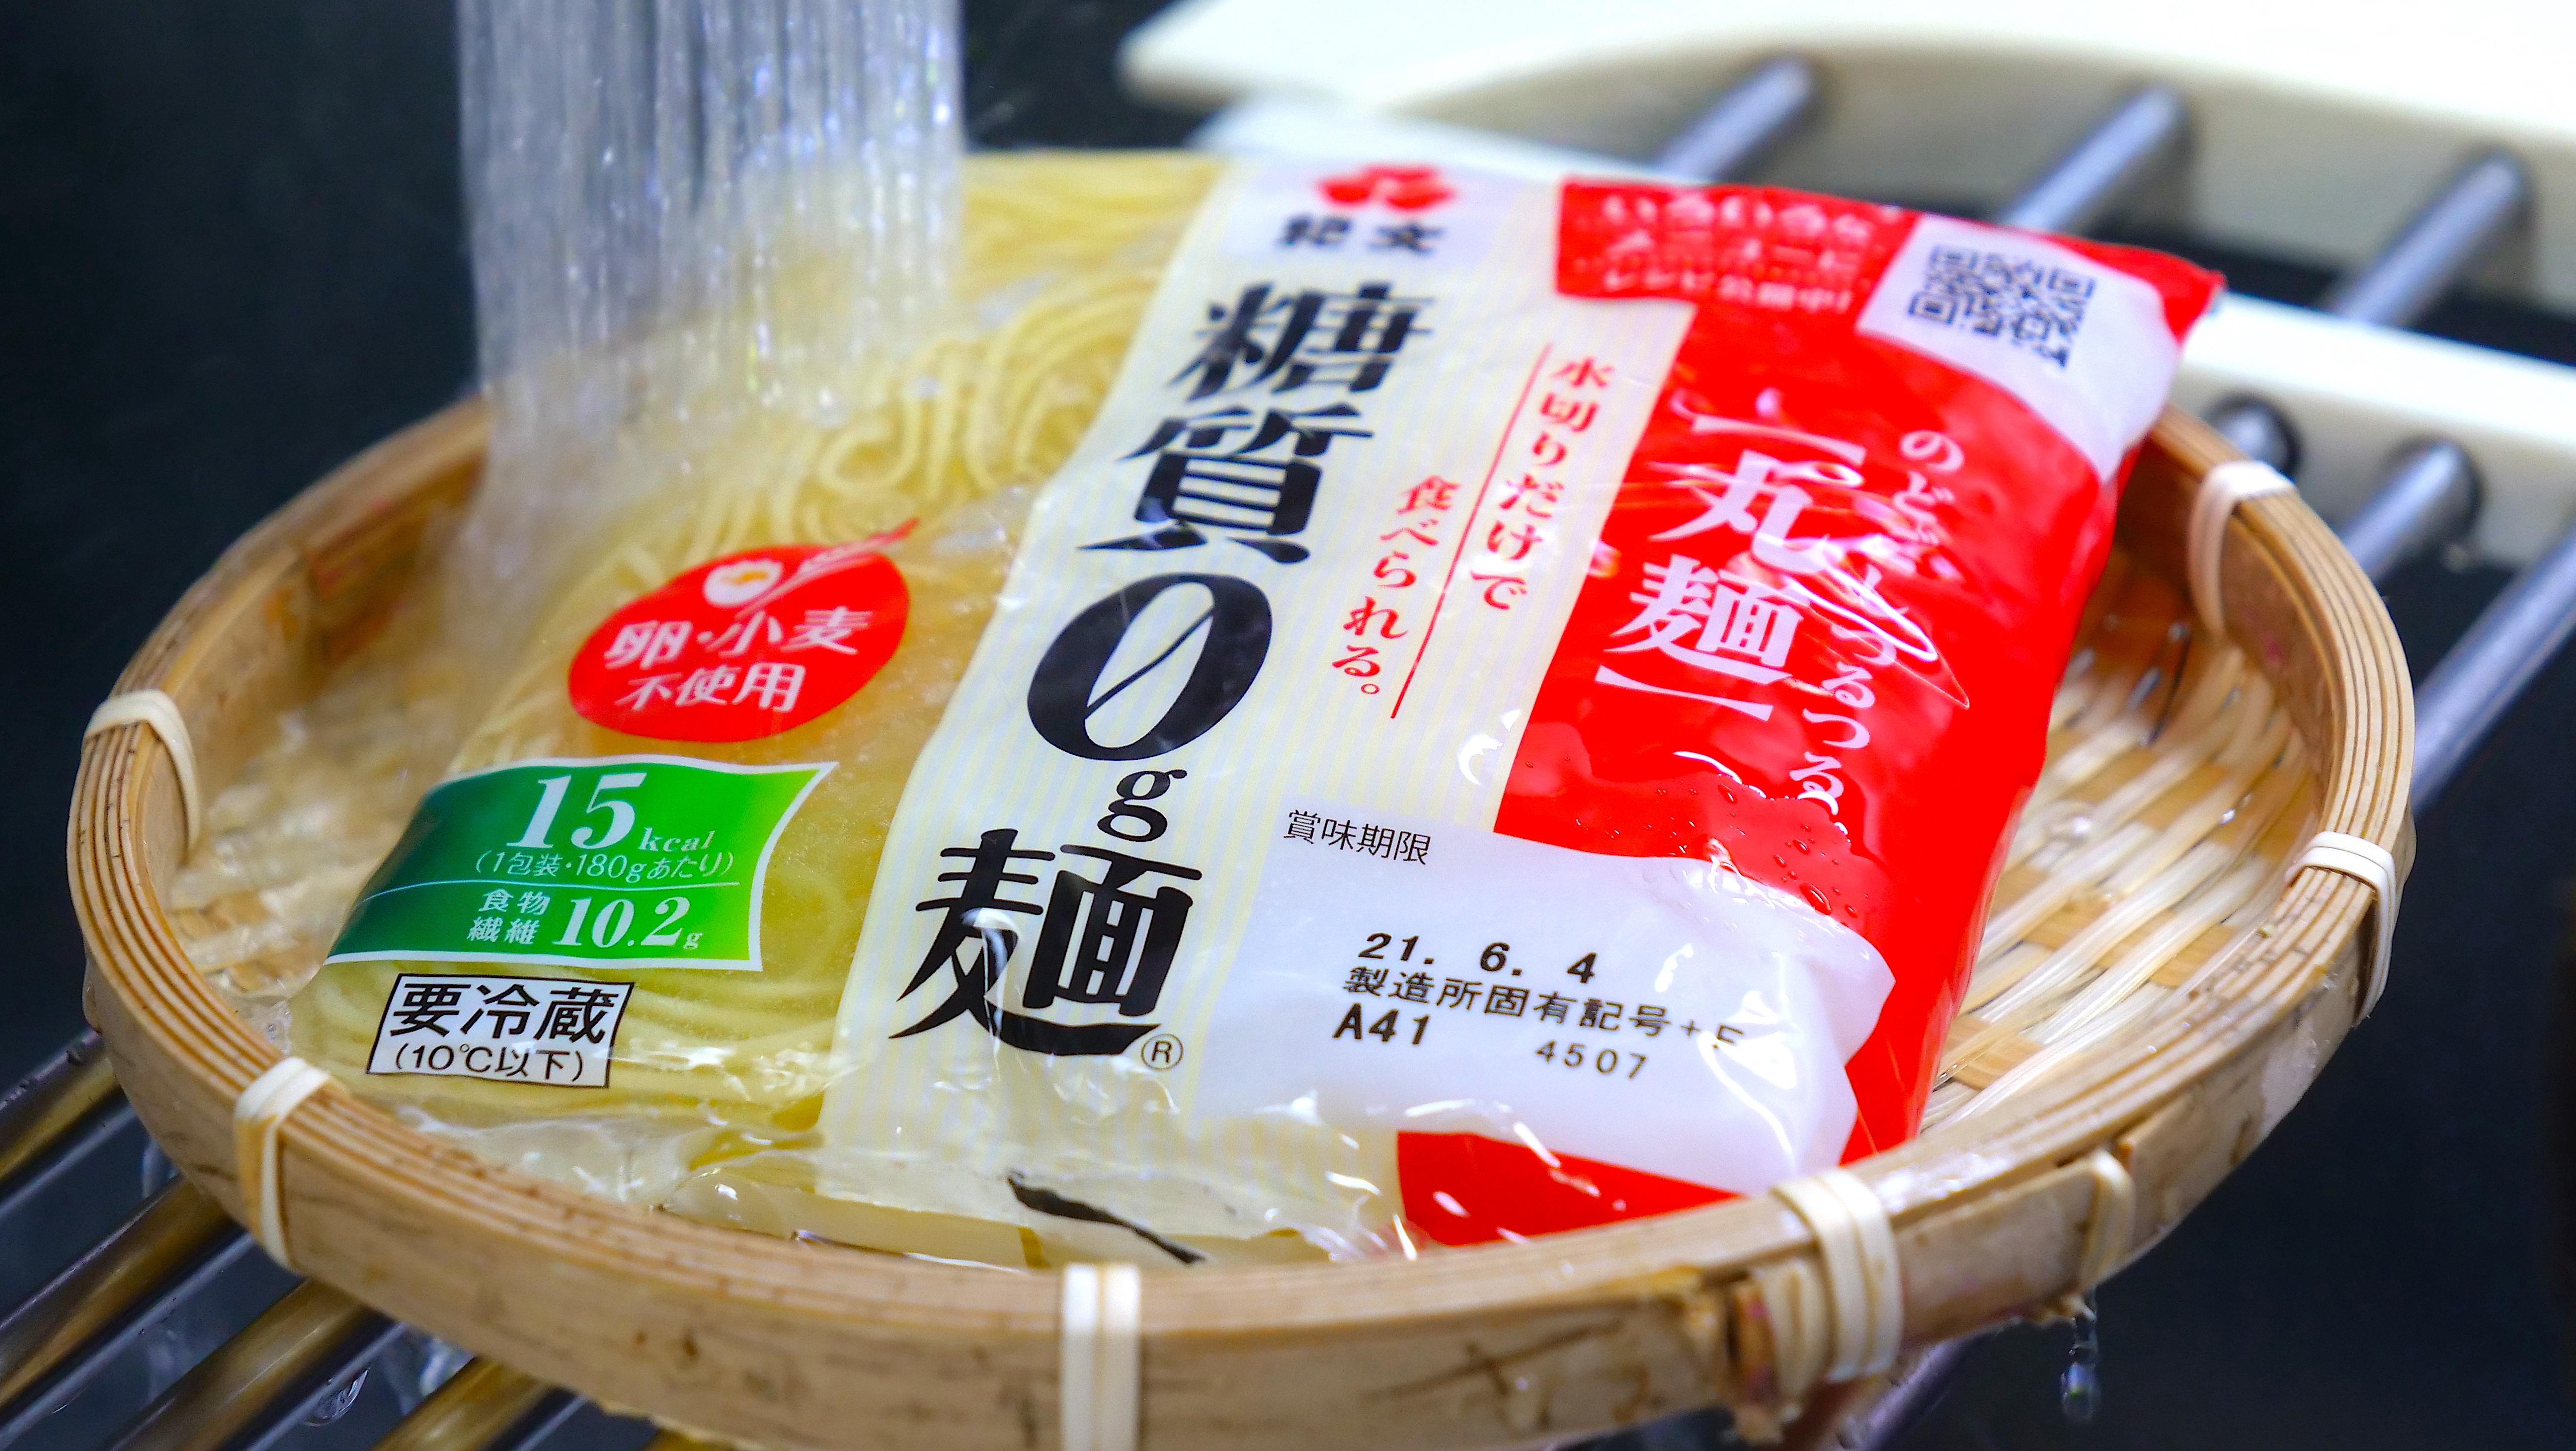 広島風お好み焼き モダン焼き 低糖質 レシピ